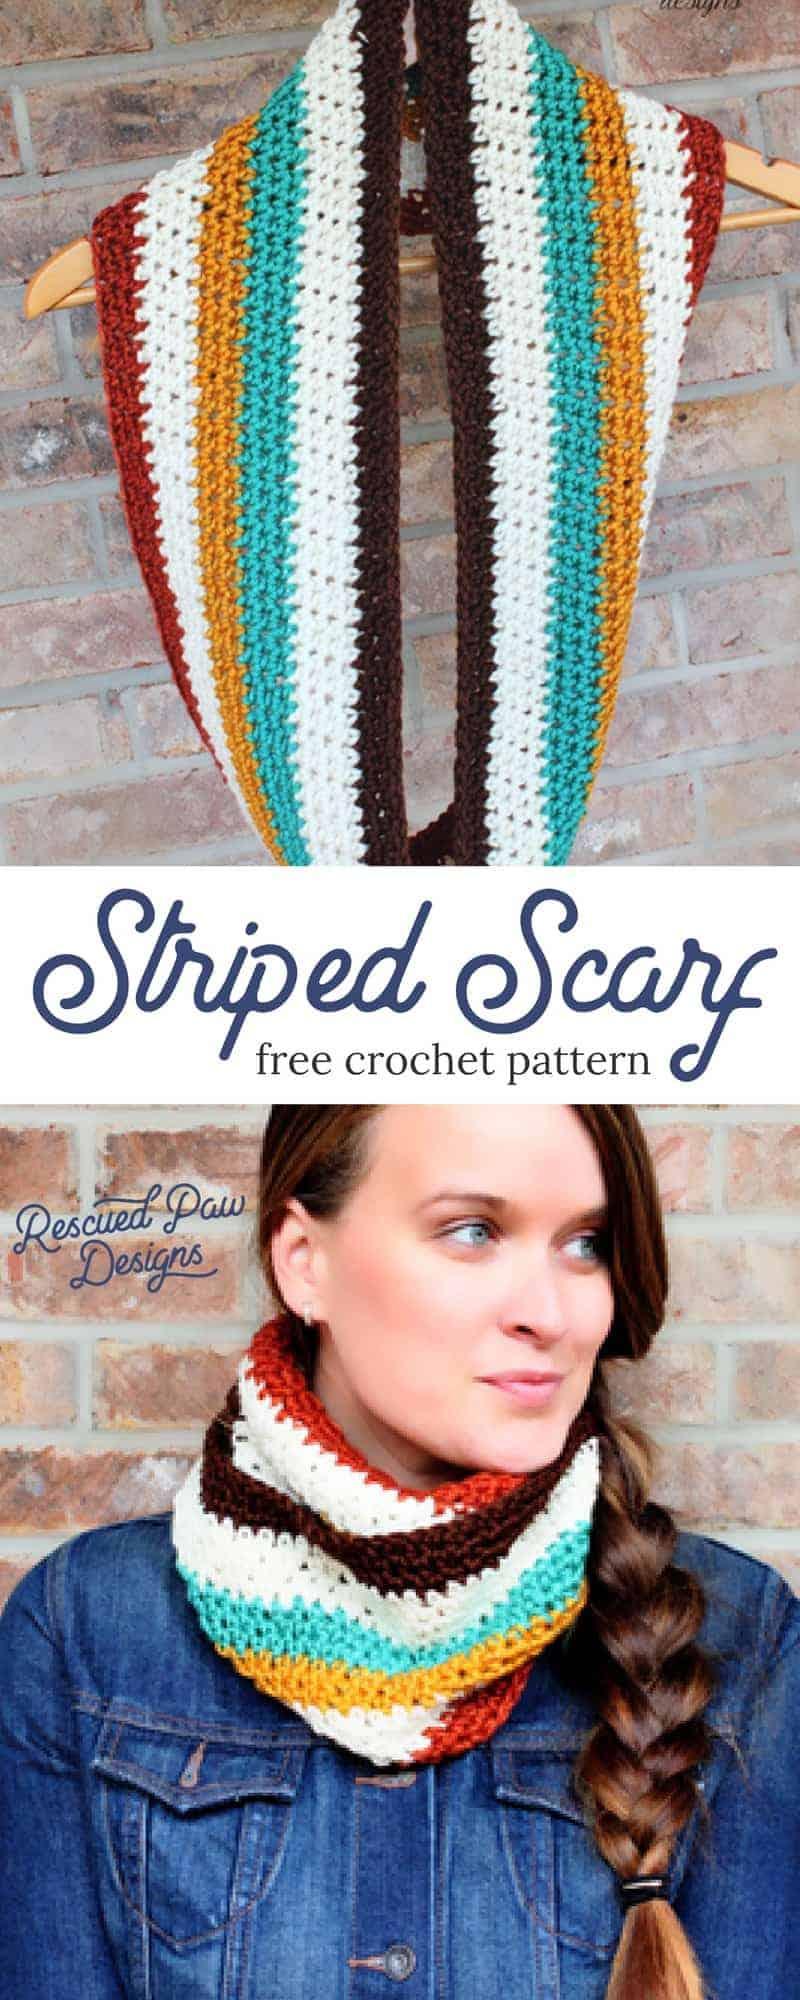 Free Striped Scarf Crochet Pattern